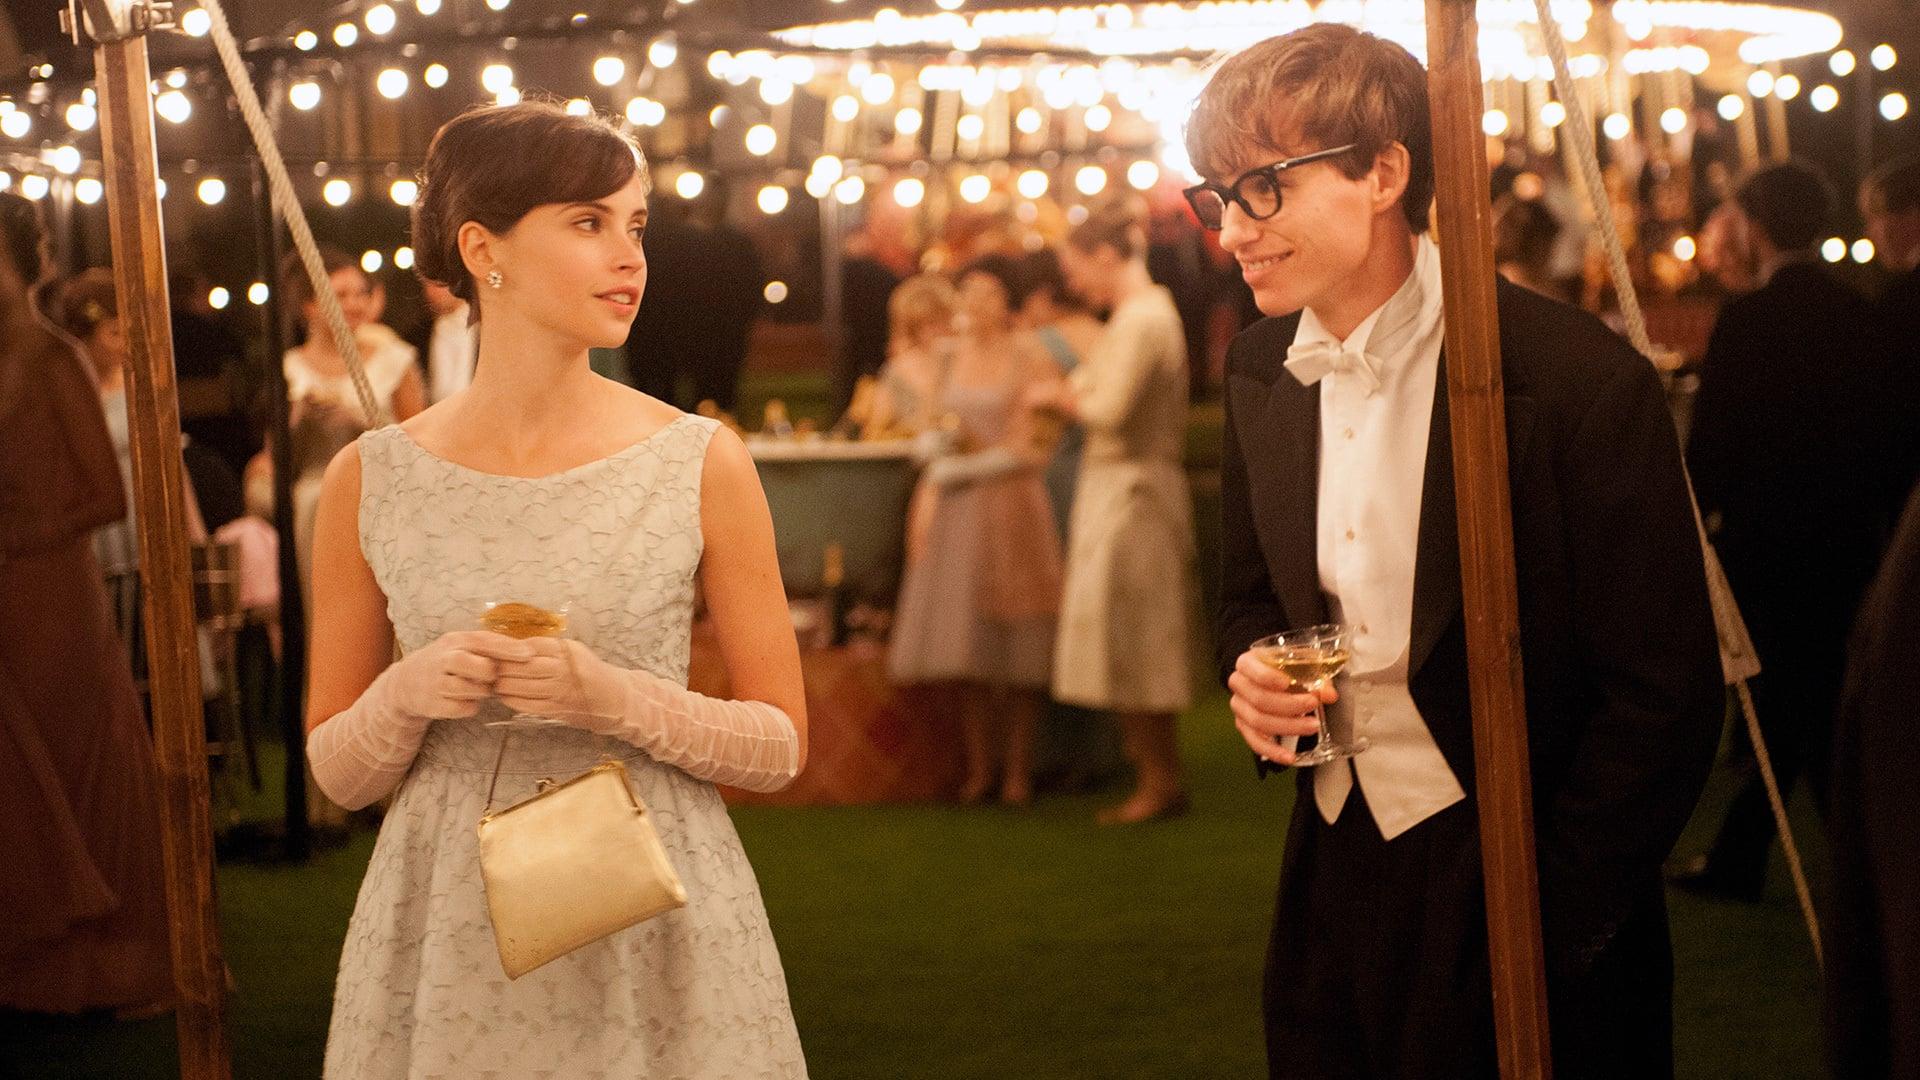 برترین فیلمهای ژانر عشق و ناتوانی - نظریه همه چیز